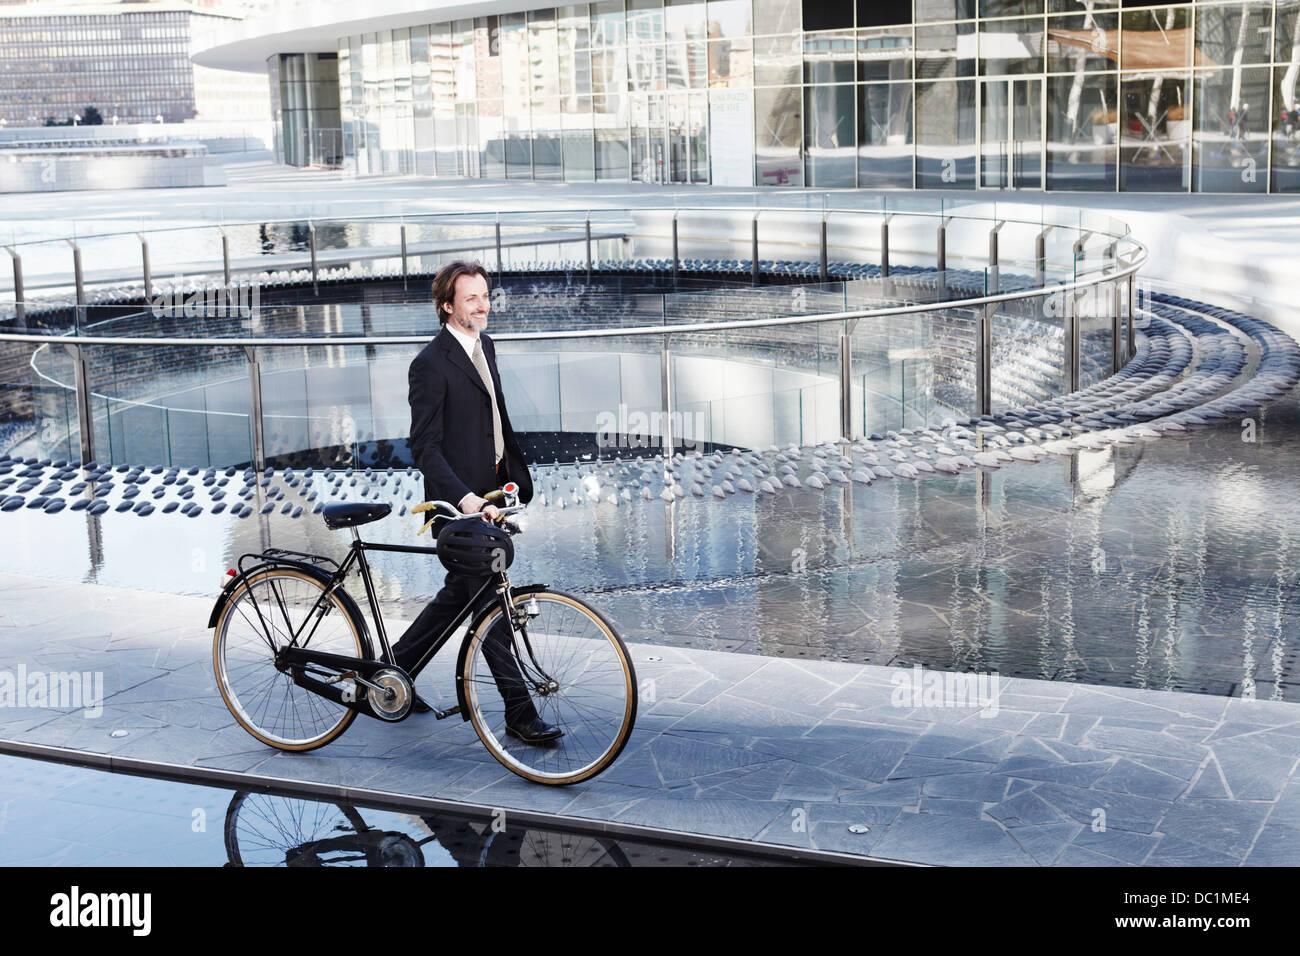 Mitte adult Geschäftsmann zu Fuß mit dem Fahrrad durch Wasserspiel in Stadt Stockbild